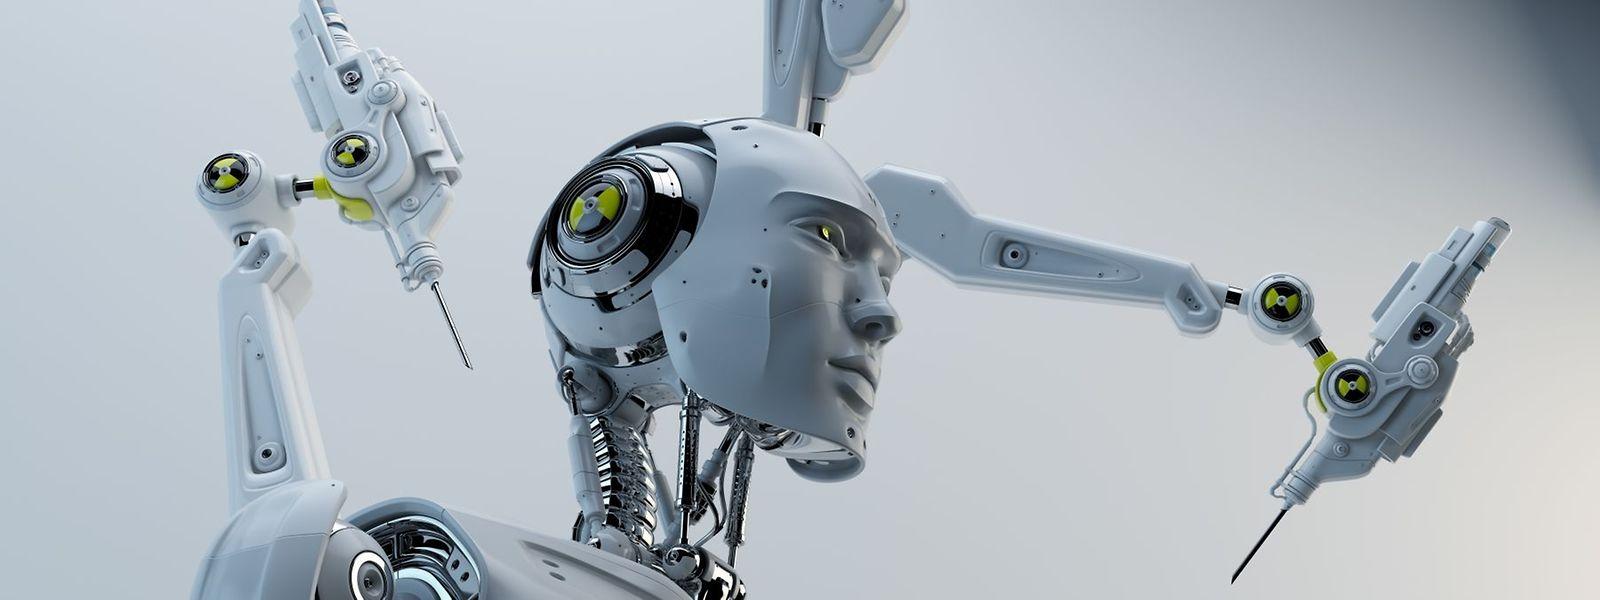 Digitalisierung und Robotisierung setzt vor allem ältere Arbeitnehmer unter Druck.